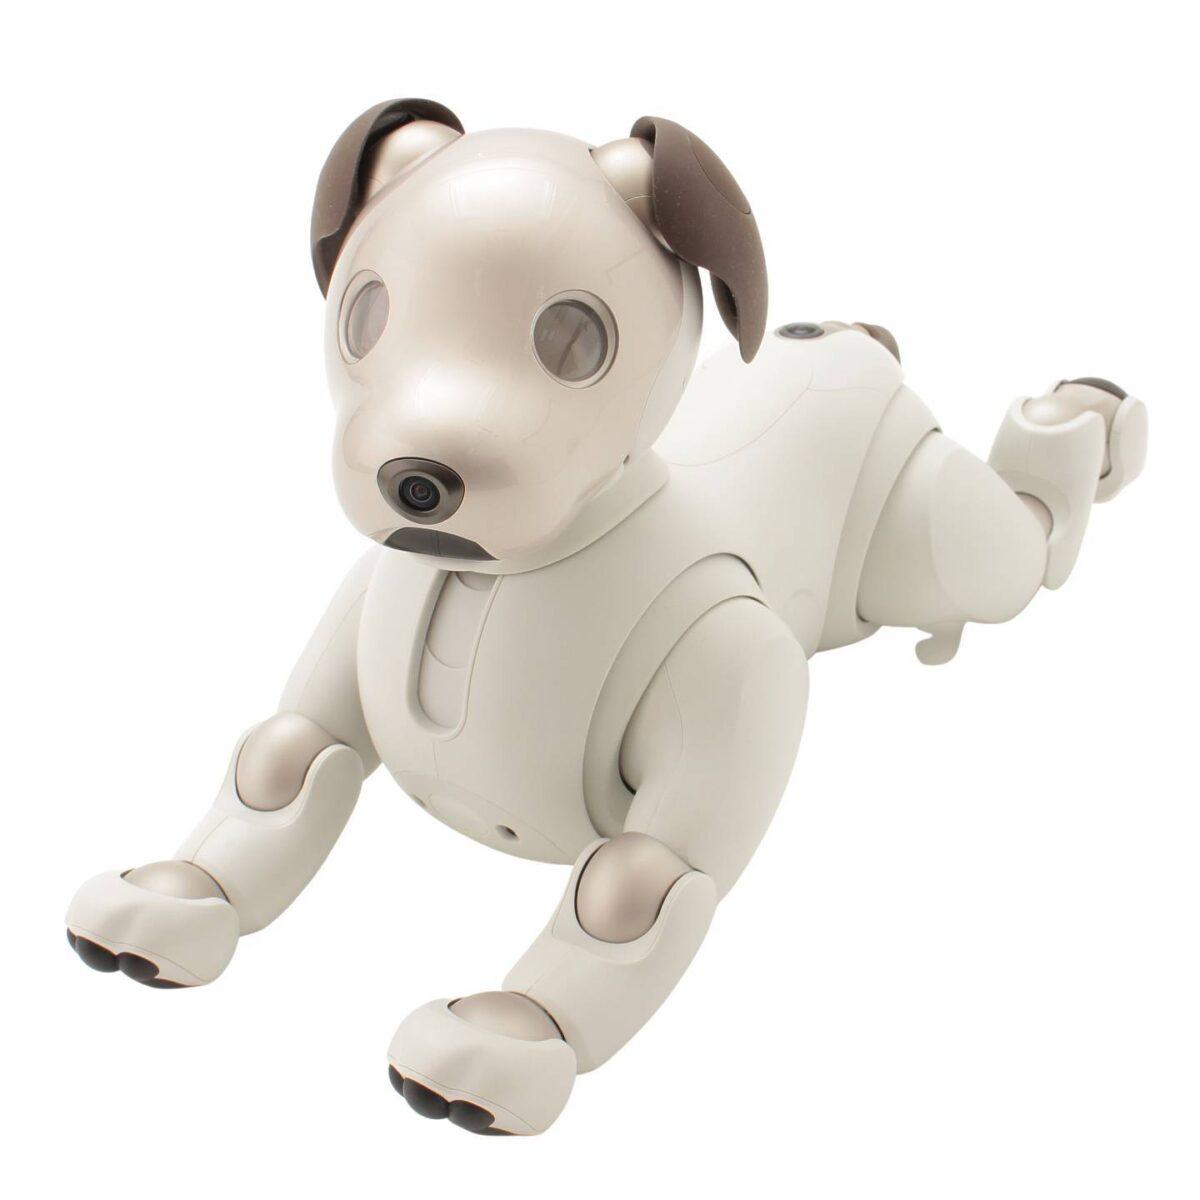 ソニー SONY アイボ aibo 犬 ペットロボット ERS-1000 ホワイト